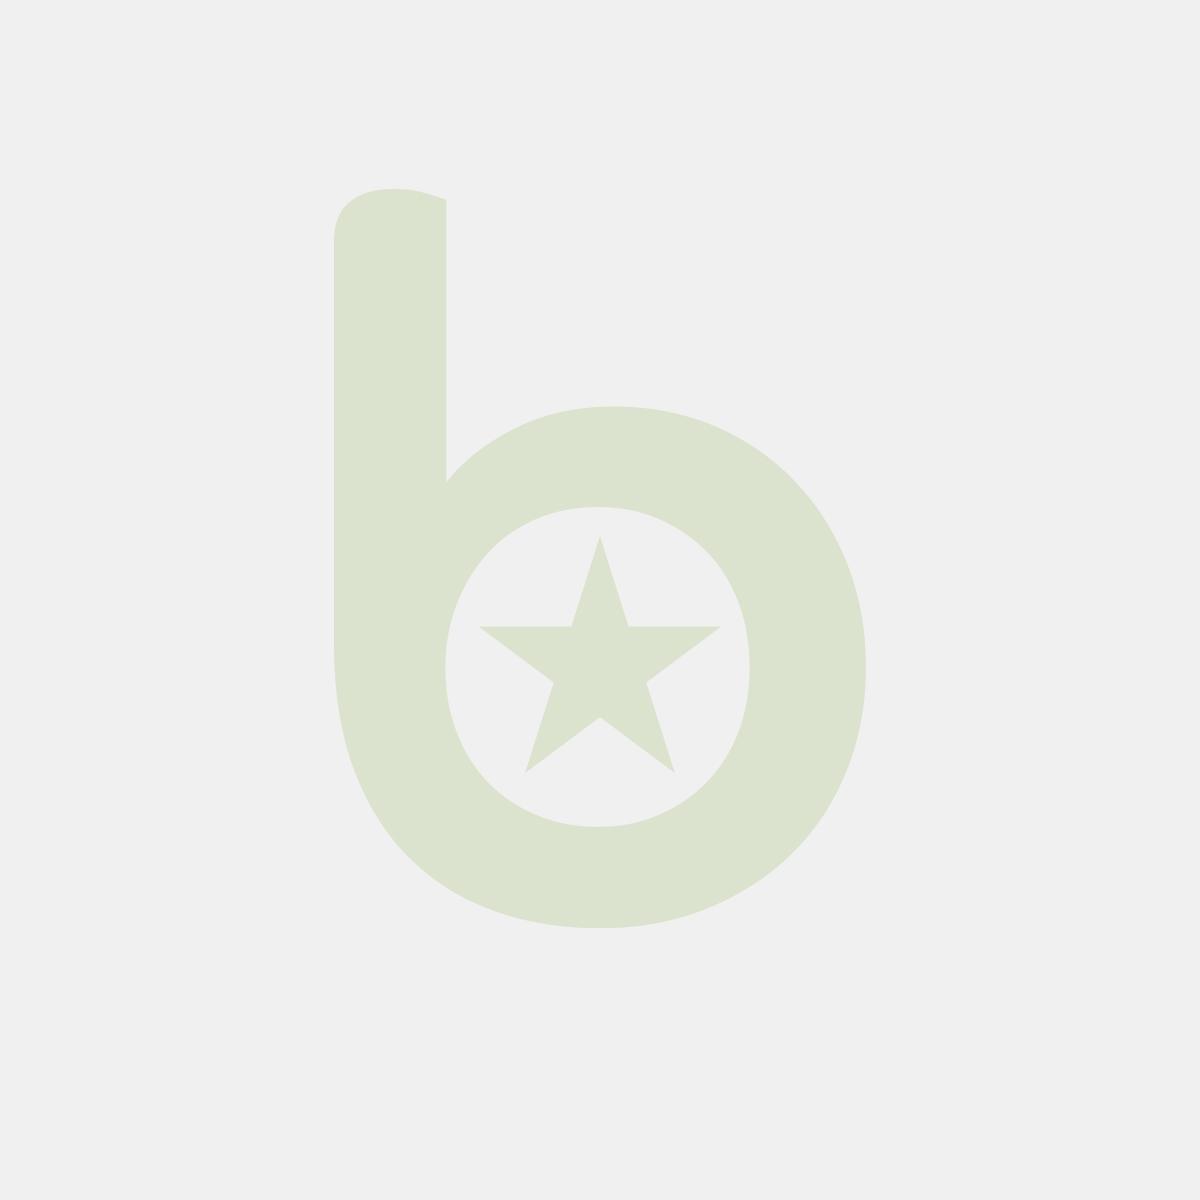 Pojemnik obiadowy do zgrzewu K 227/2, dwudzielny COLT, czarny, 227x178x40, cena za opakowanie 50szt